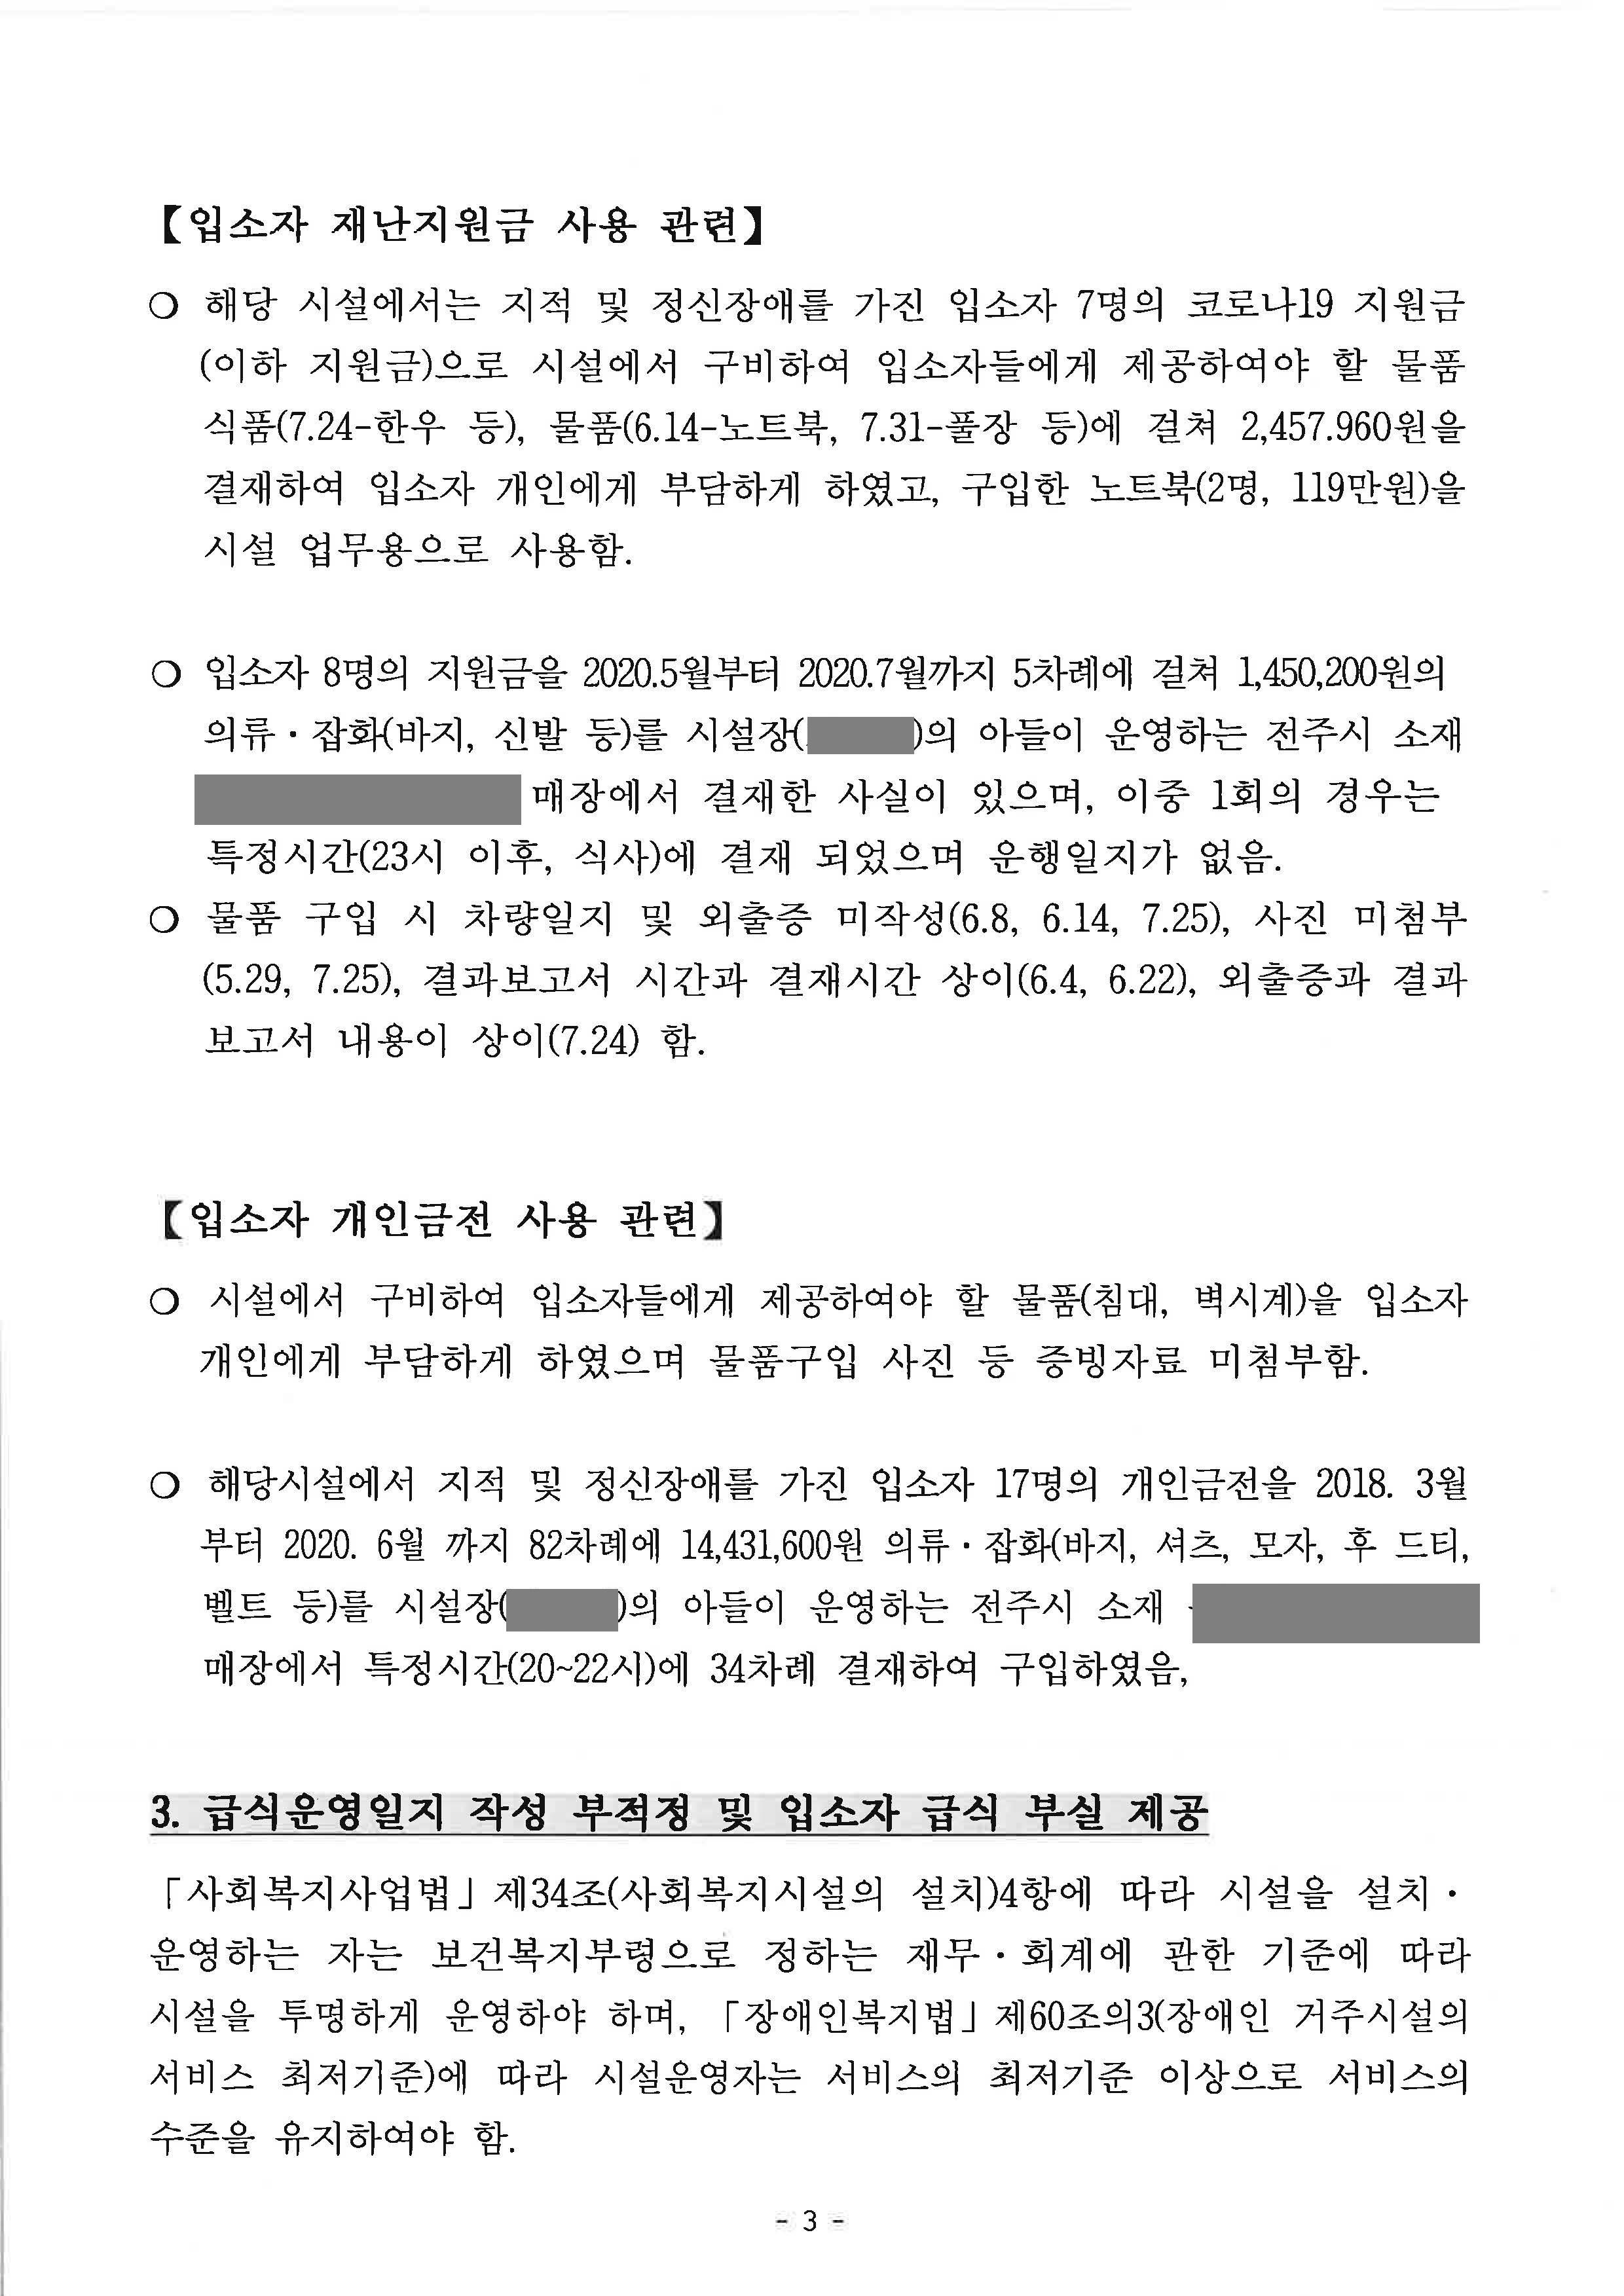 정읍시 노인장애인과-36111(2020.10.28)호_국가인권위(광주인권사무소) 질의_페이지_4.jpg